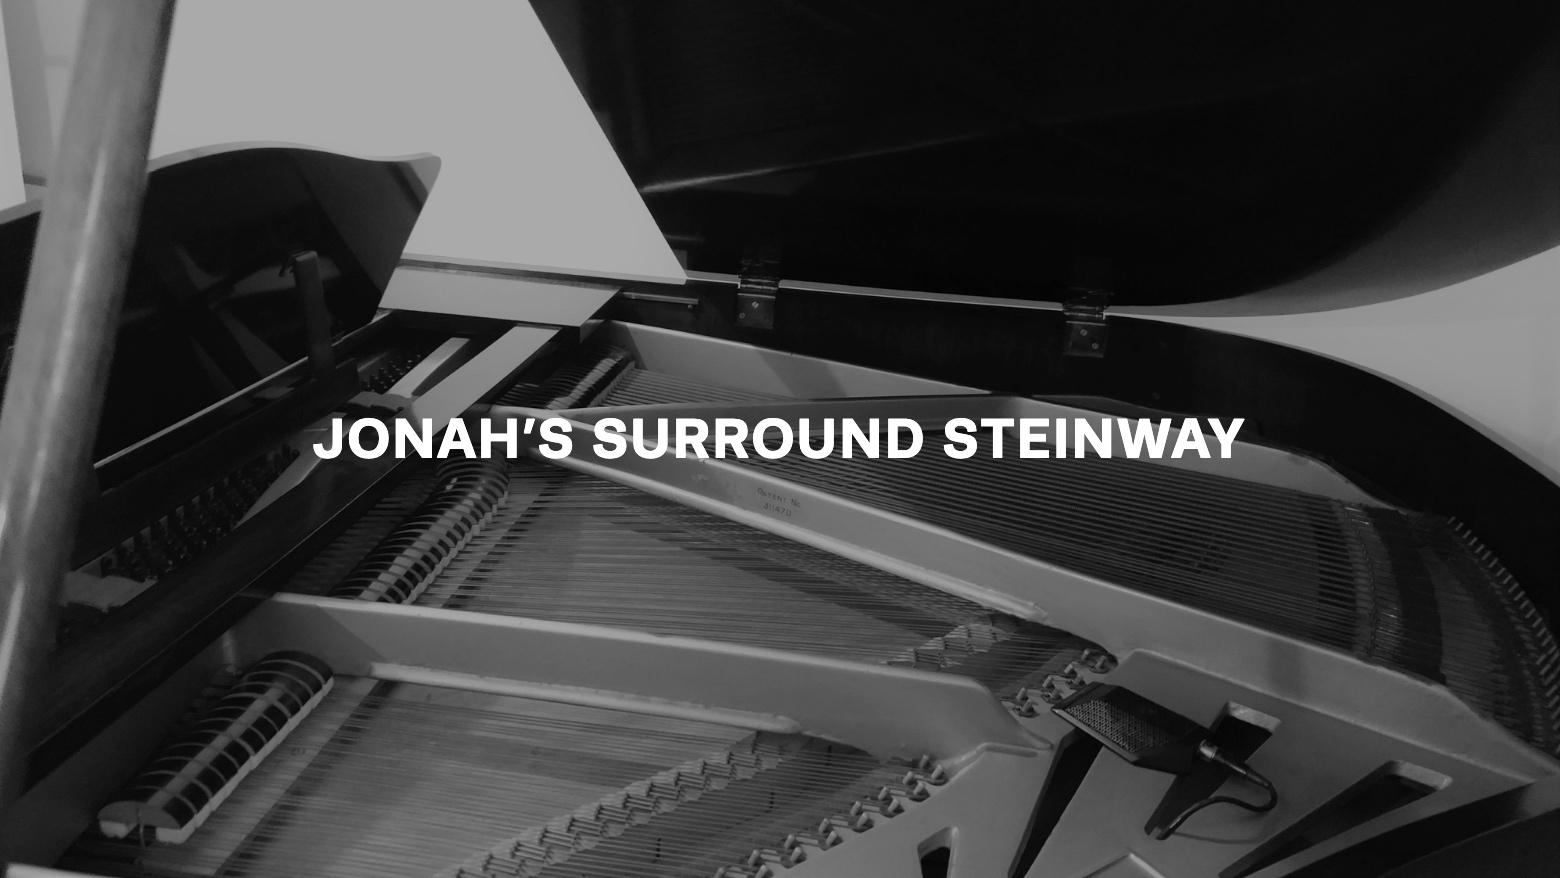 Jonah's Surround Steinway Text.jpg